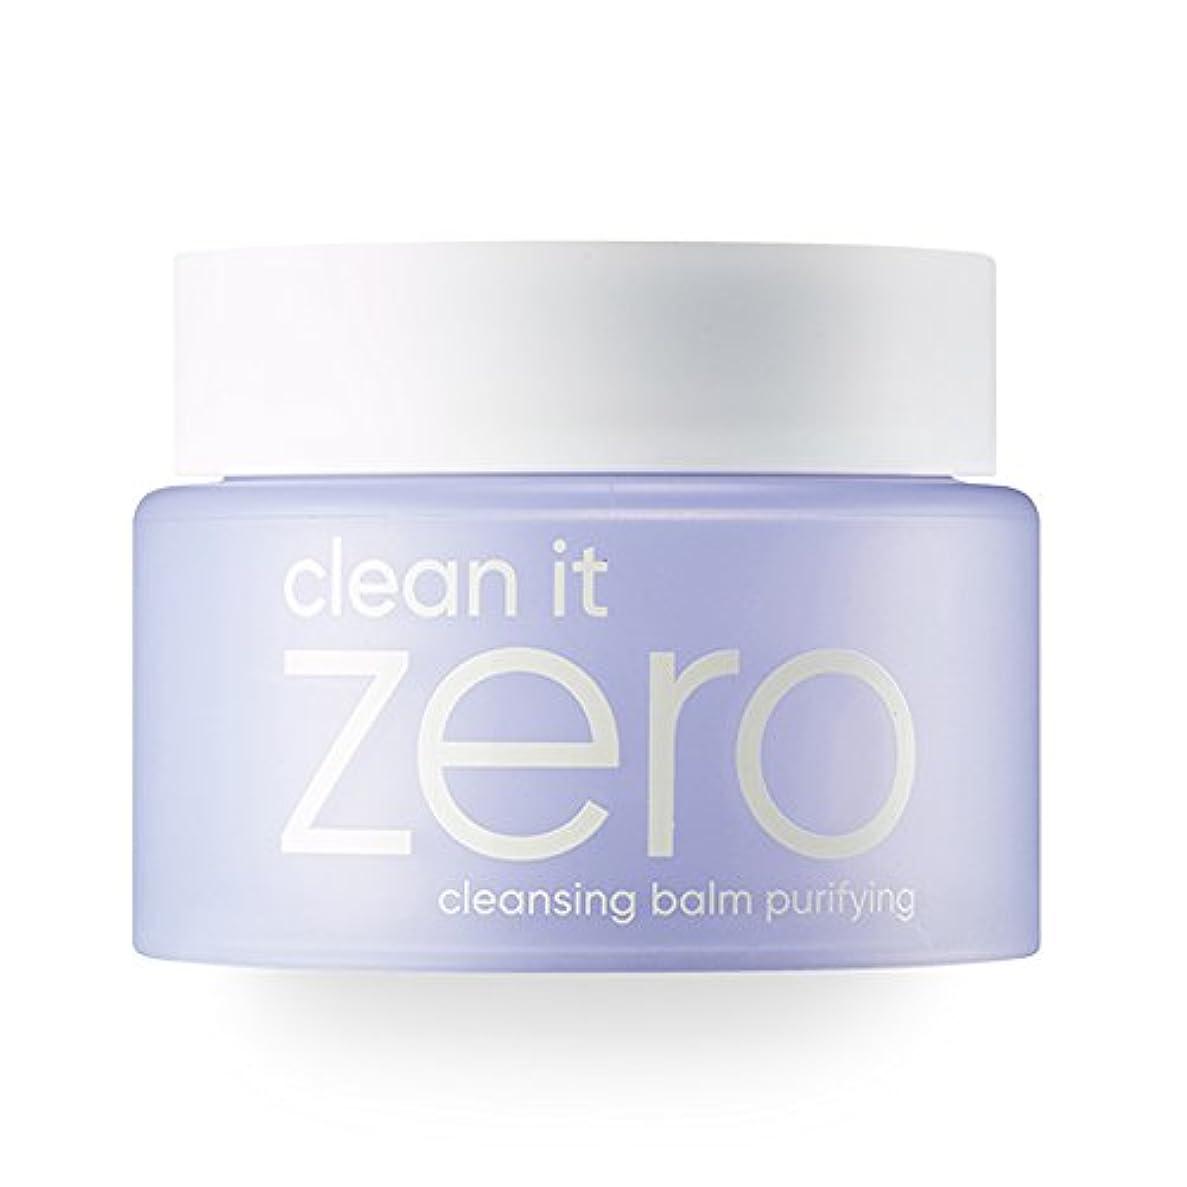 スタウト連結する逃れるBANILA CO(バニラコ) クリーン イット ゼロ クレンジング バーム ピュリファイング Clean It Zero Purifying